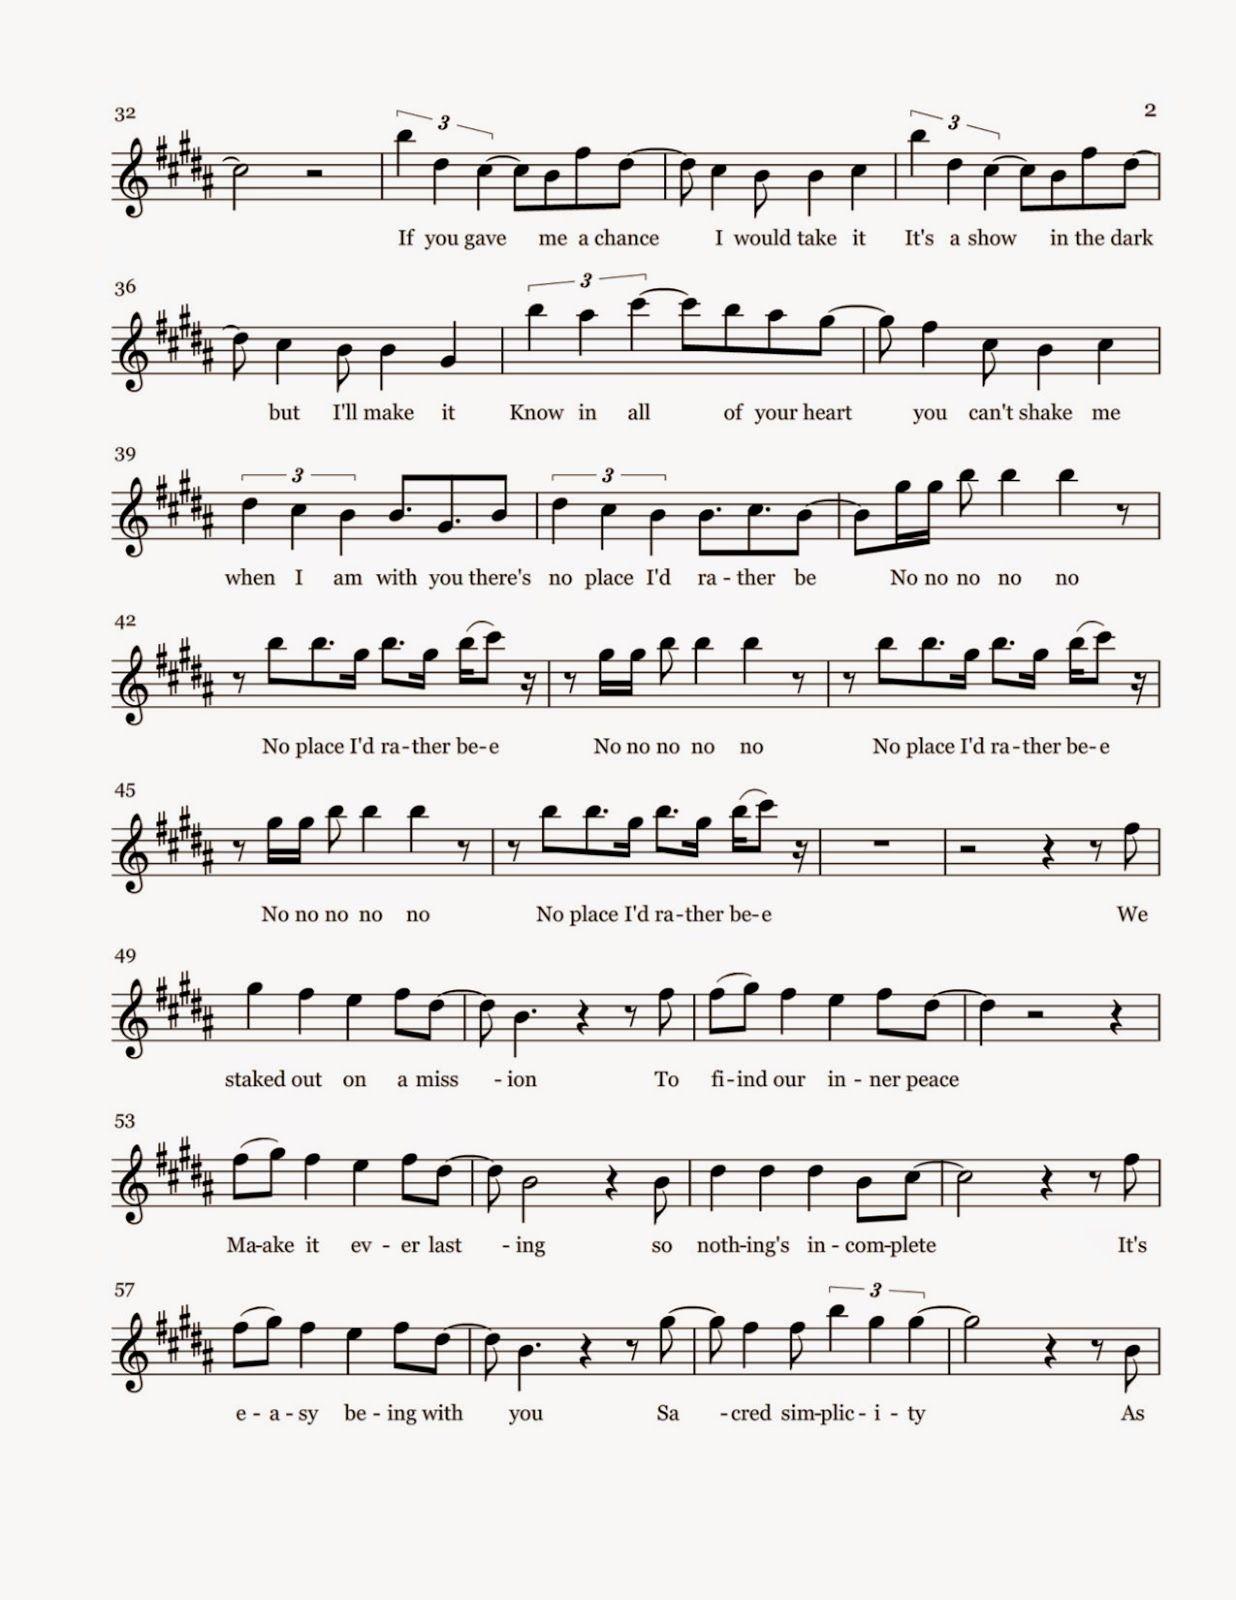 Flute Sheet Music Rather Be Sheet Music Sheet Music Flute Sheet Music Flute Music